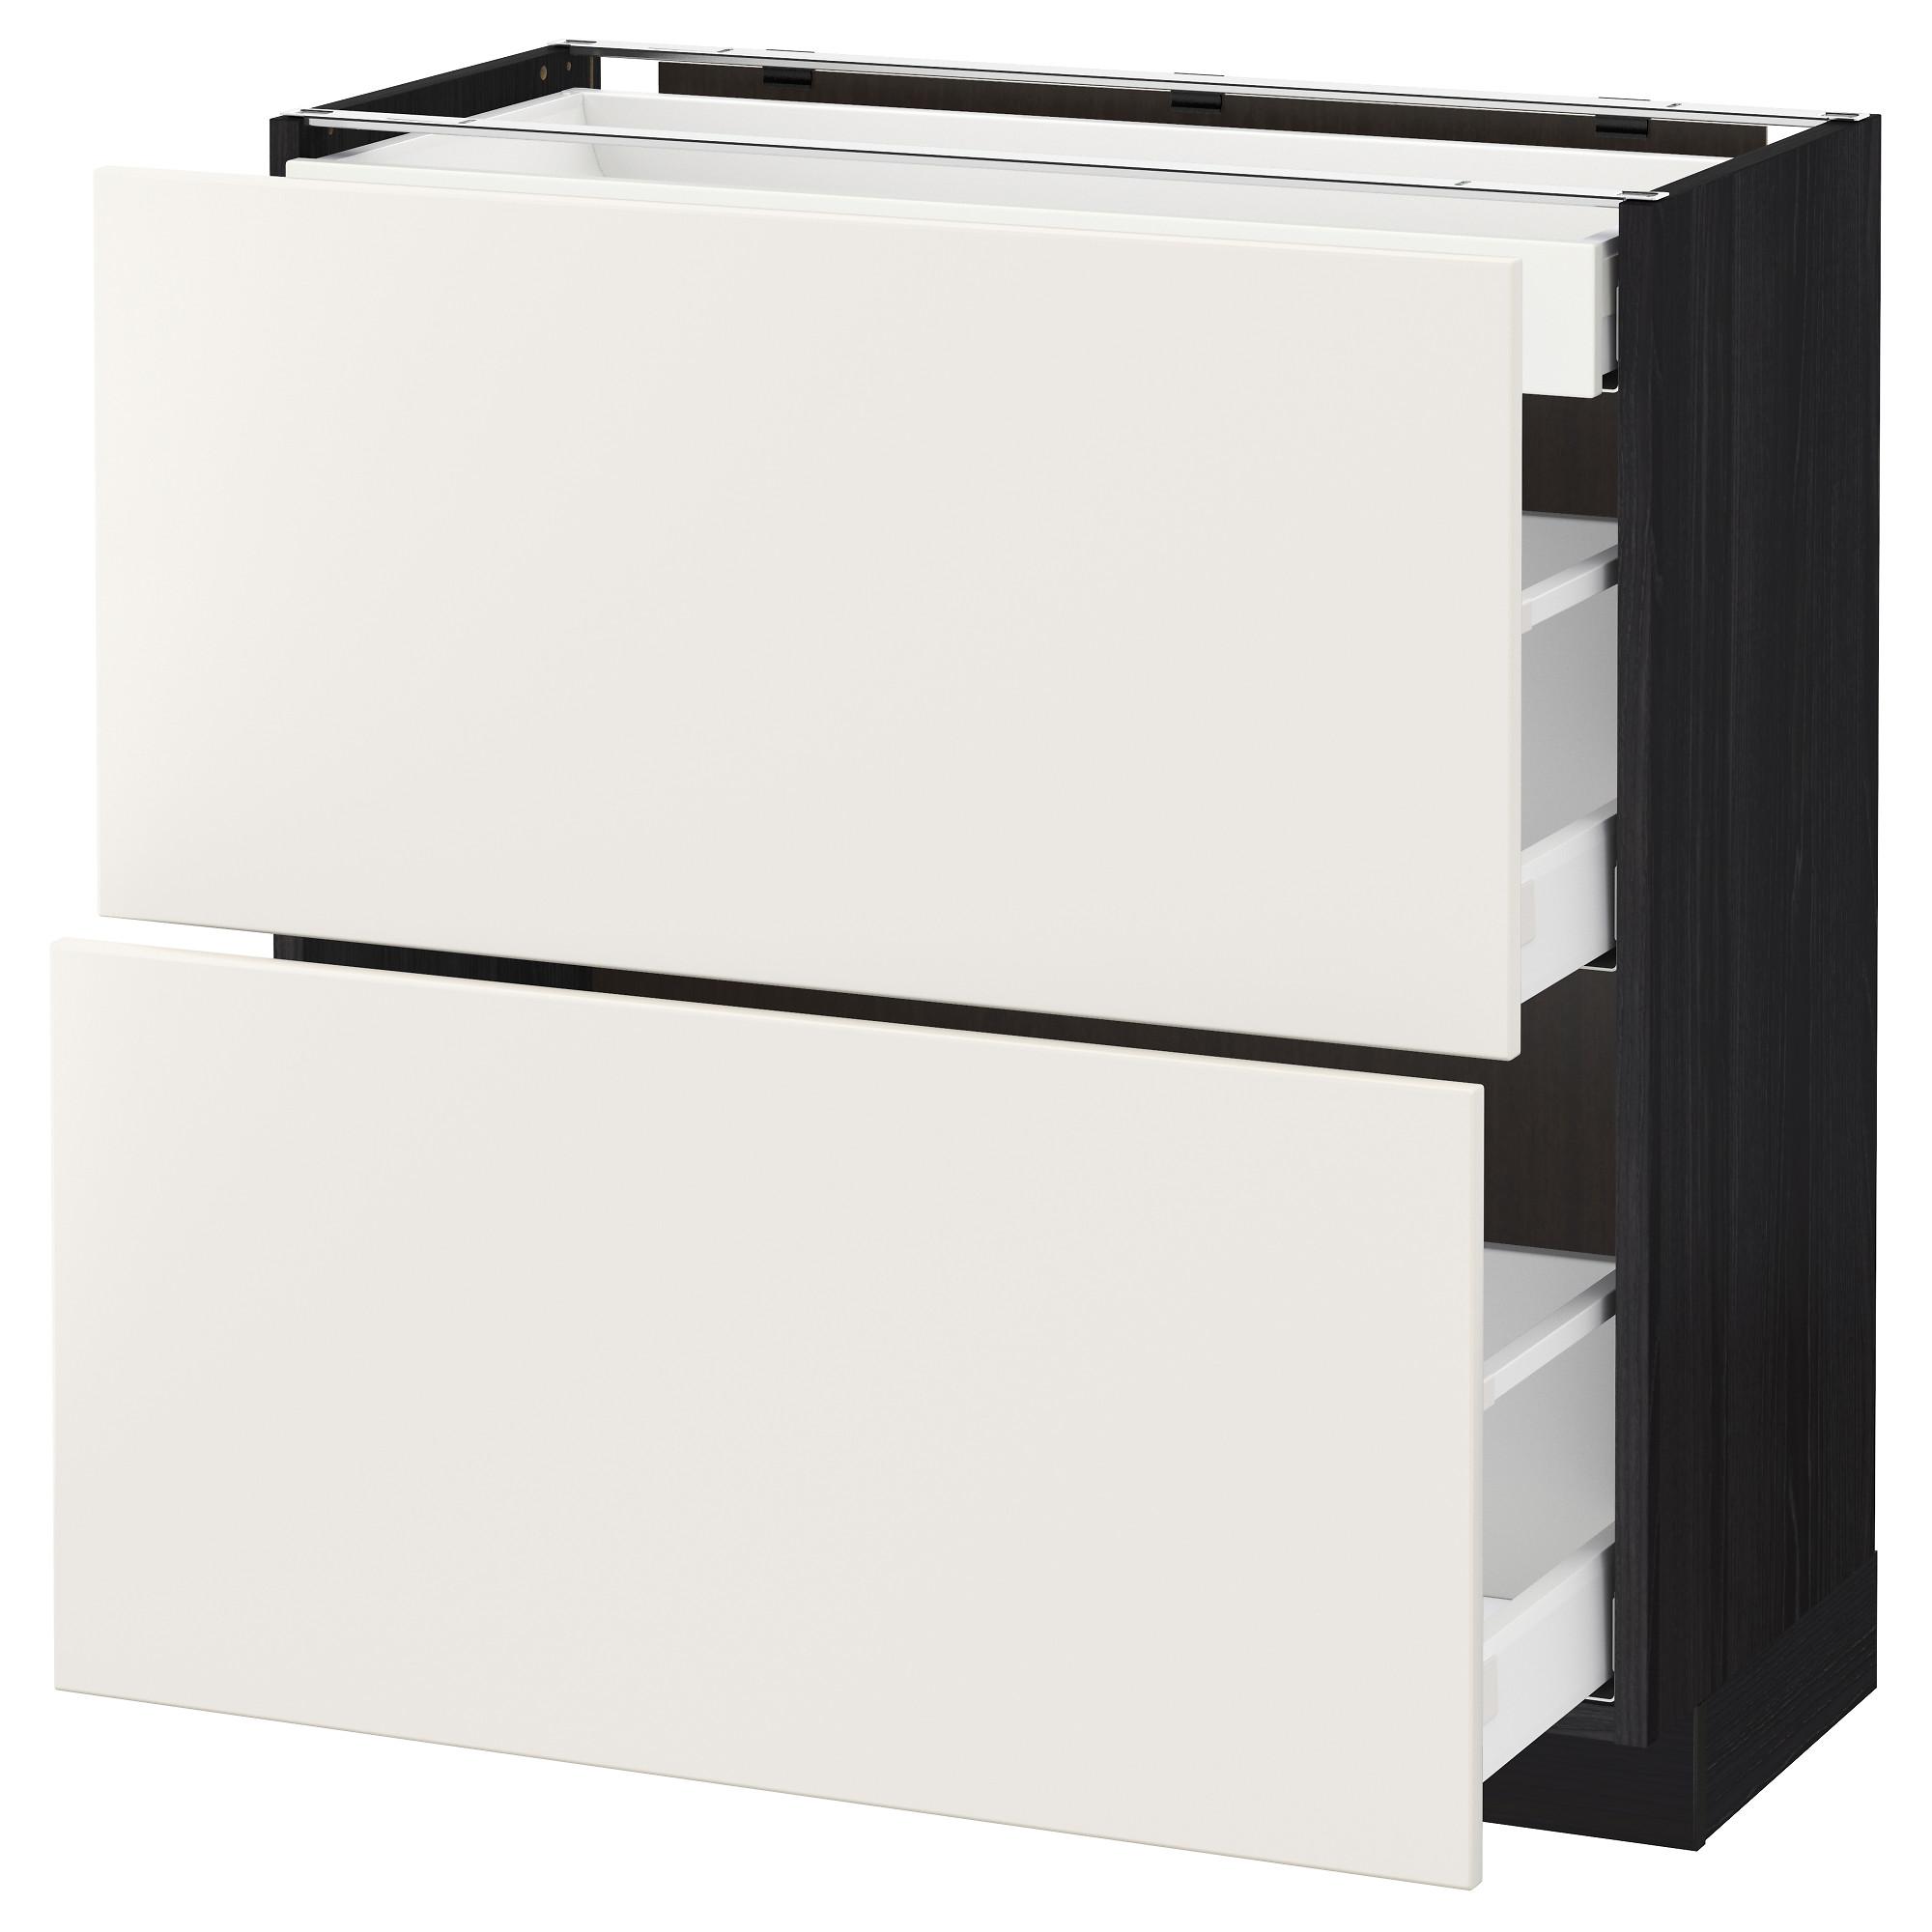 Напольный шкаф, 2 фасада, 3 ящика МЕТОД / МАКСИМЕРА черный артикуль № 192.348.05 в наличии. Интернет сайт IKEA РБ. Быстрая доставка и соборка.